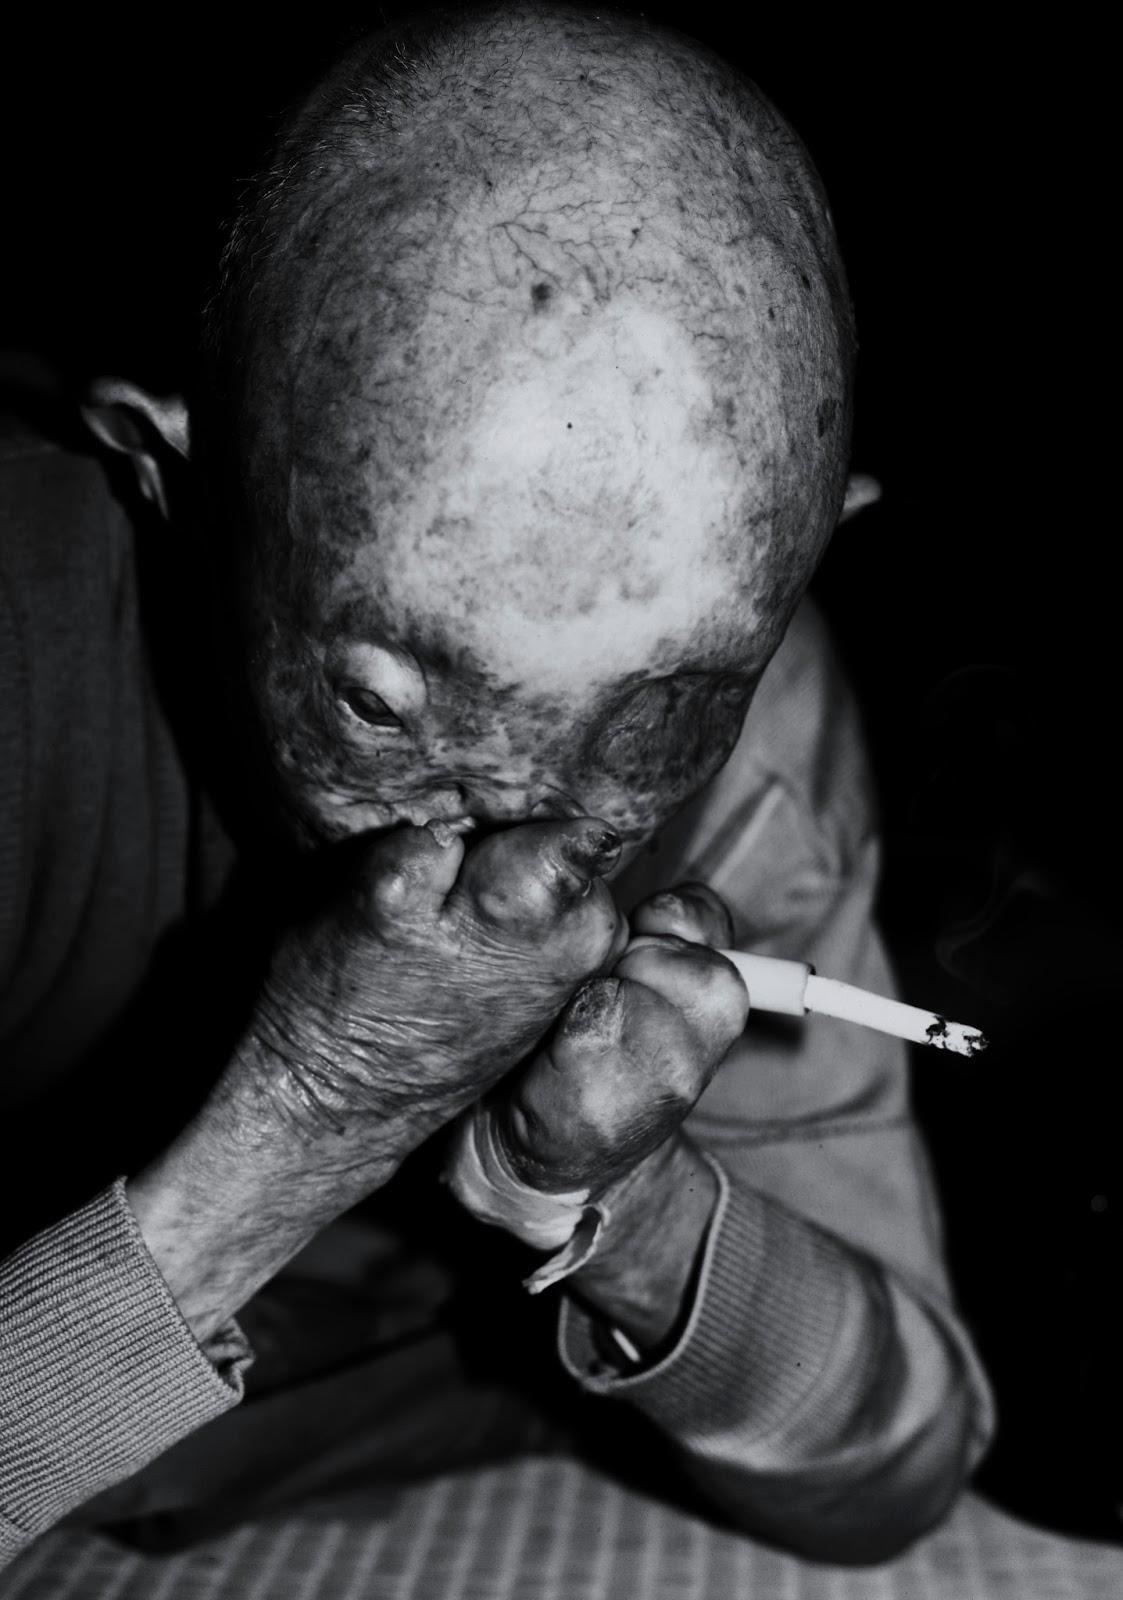 ハンセン病 - Leprosy